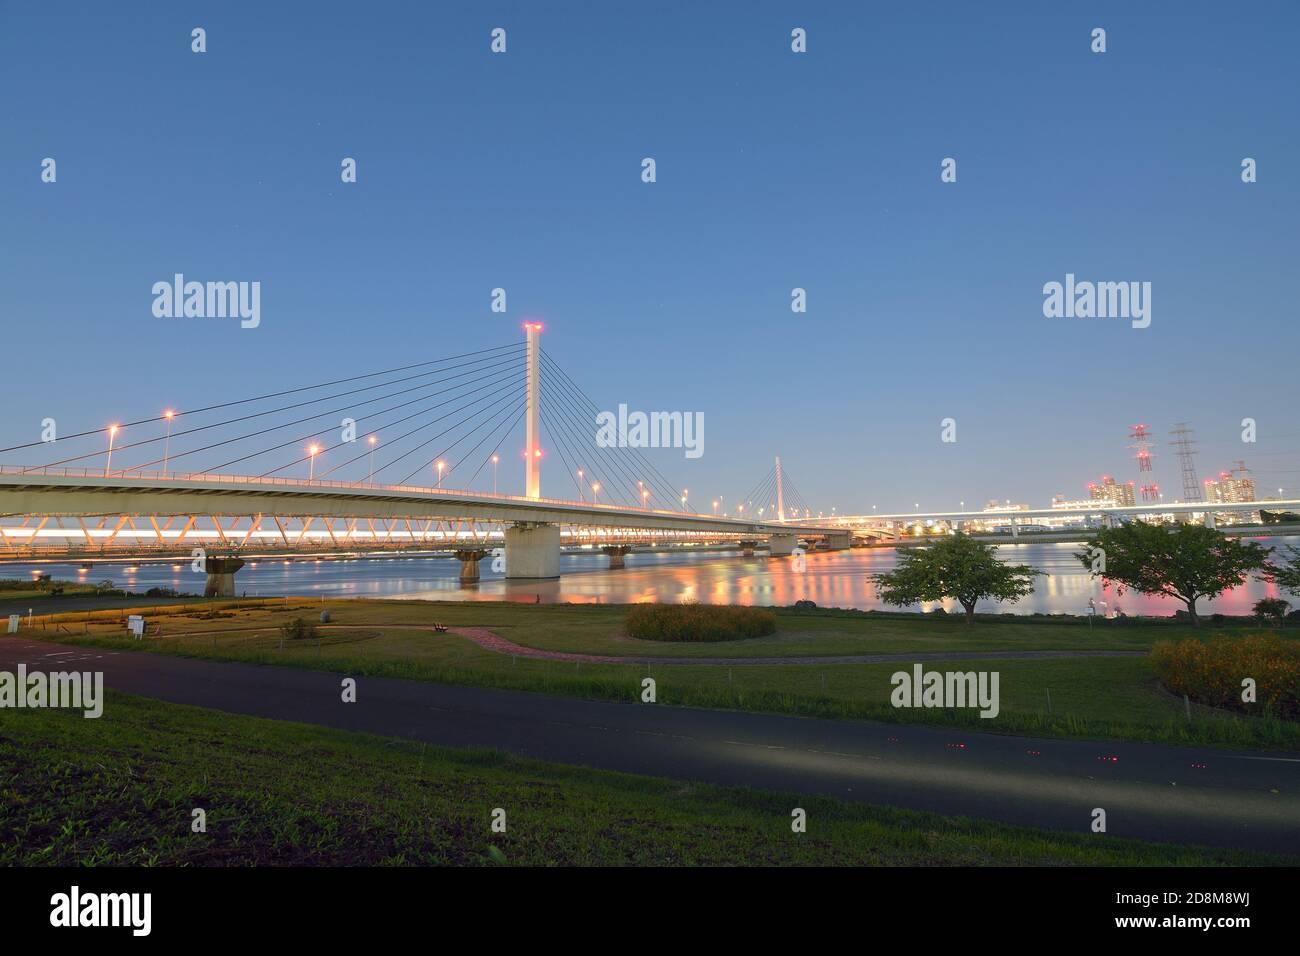 Paysage urbain de longue exposition de pont suspendu dans le ciel de crépuscule arrière-plan Banque D'Images